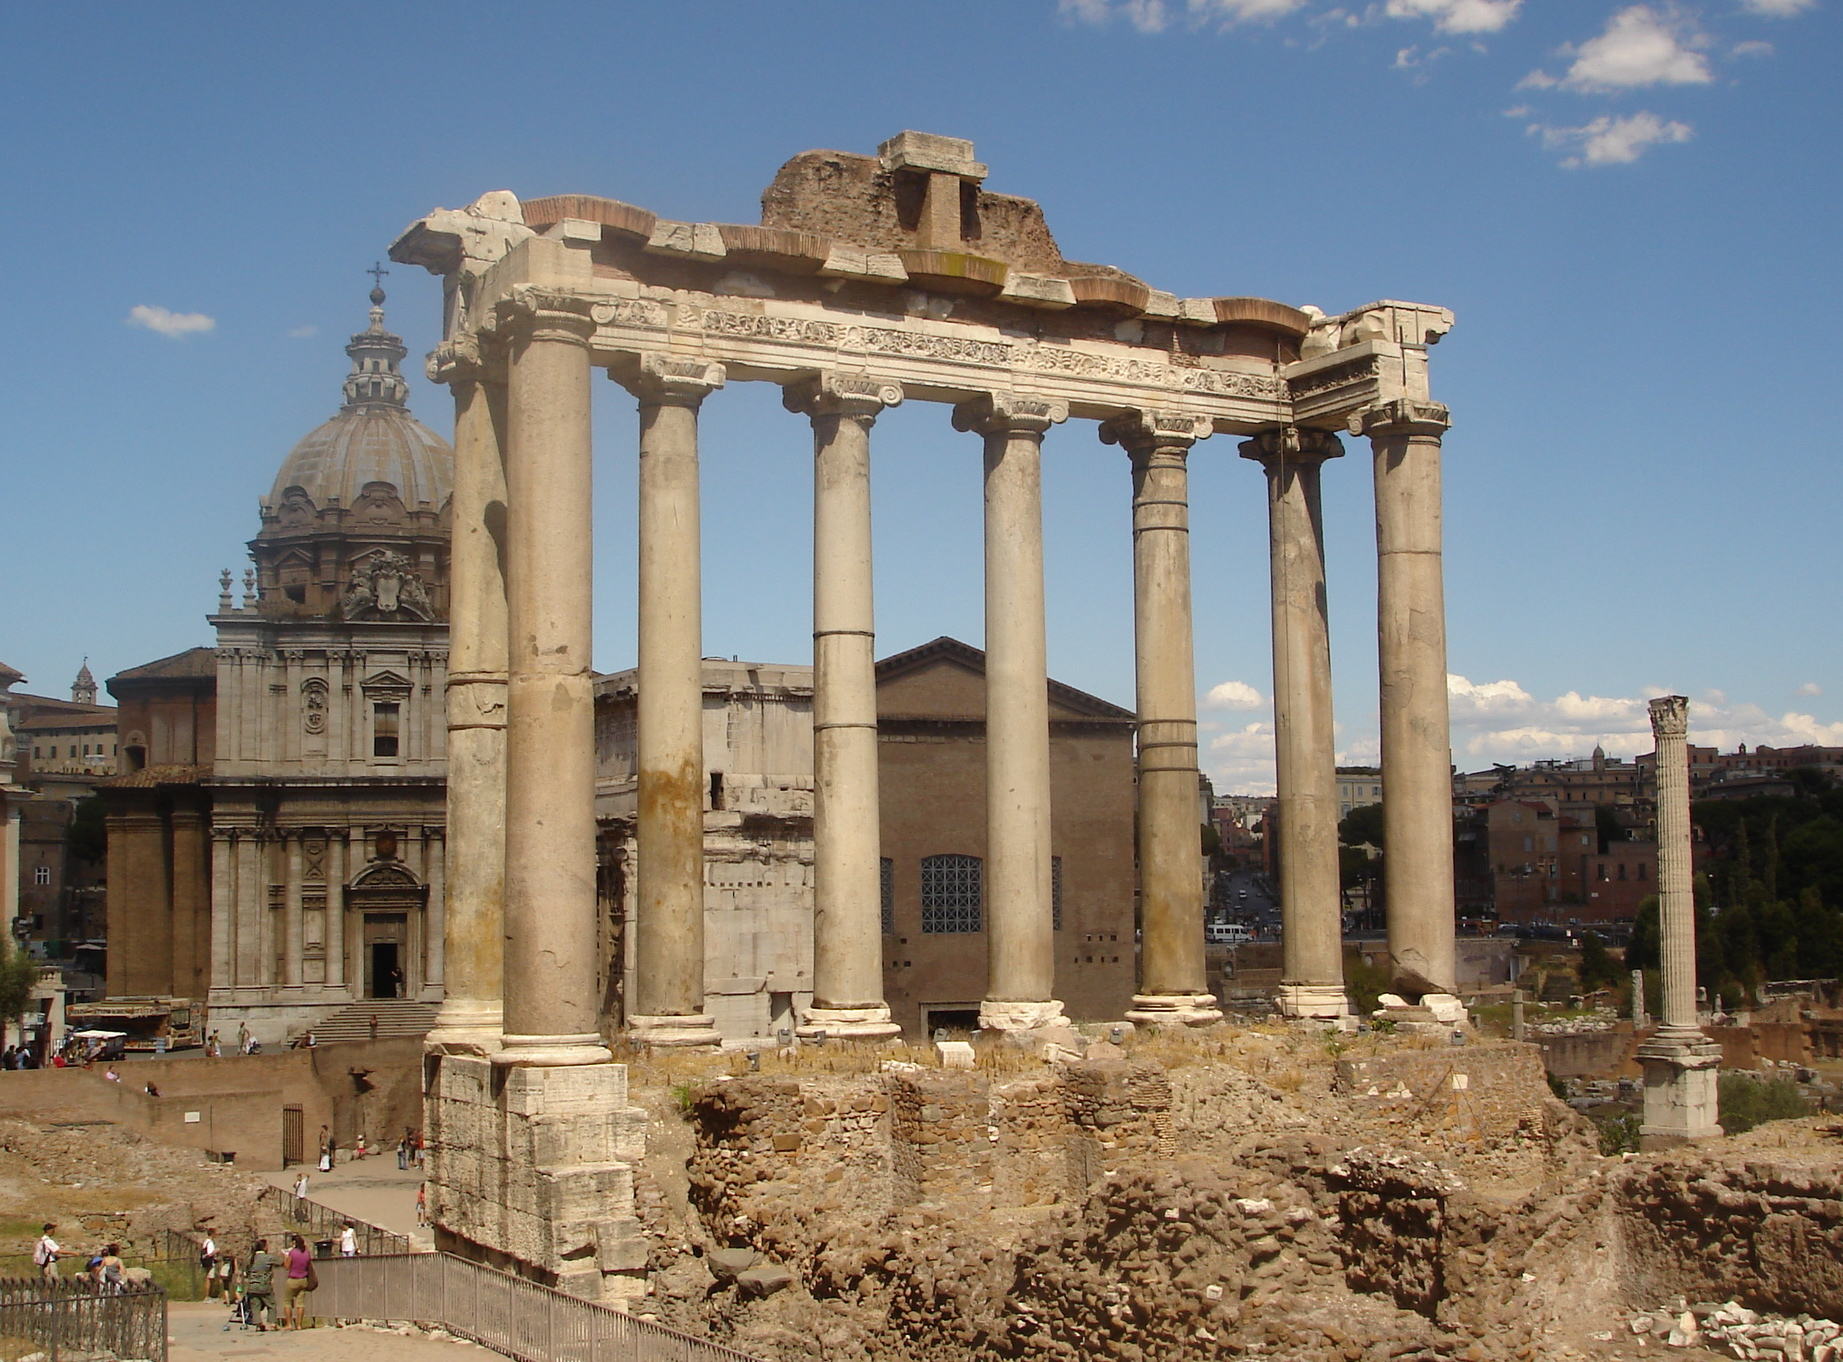 http://upload.wikimedia.org/wikipedia/commons/e/e4/Templo_de_Saturno.JPG